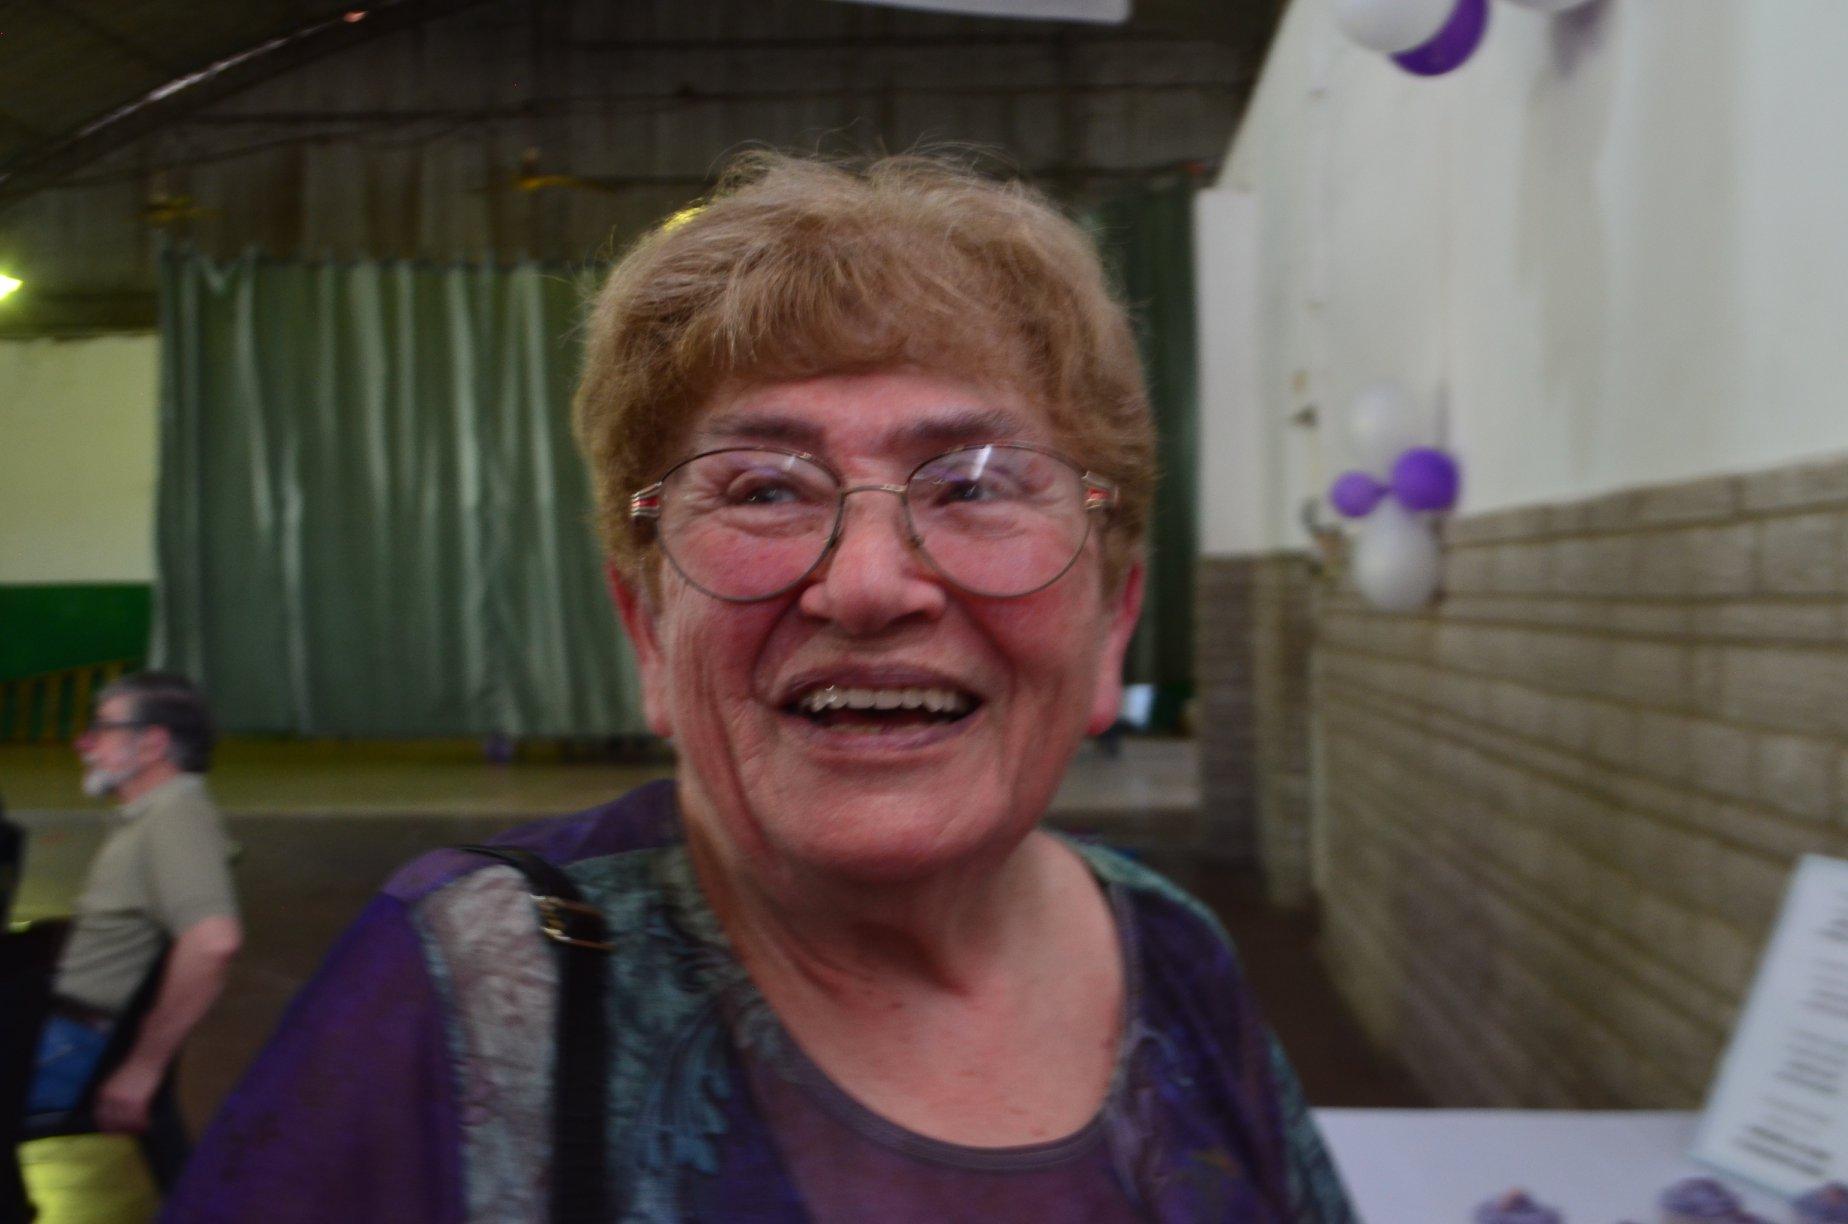 Honrar la vida: Con una canción, la familia de Olga le festejó los 81 años a la distancia (video)